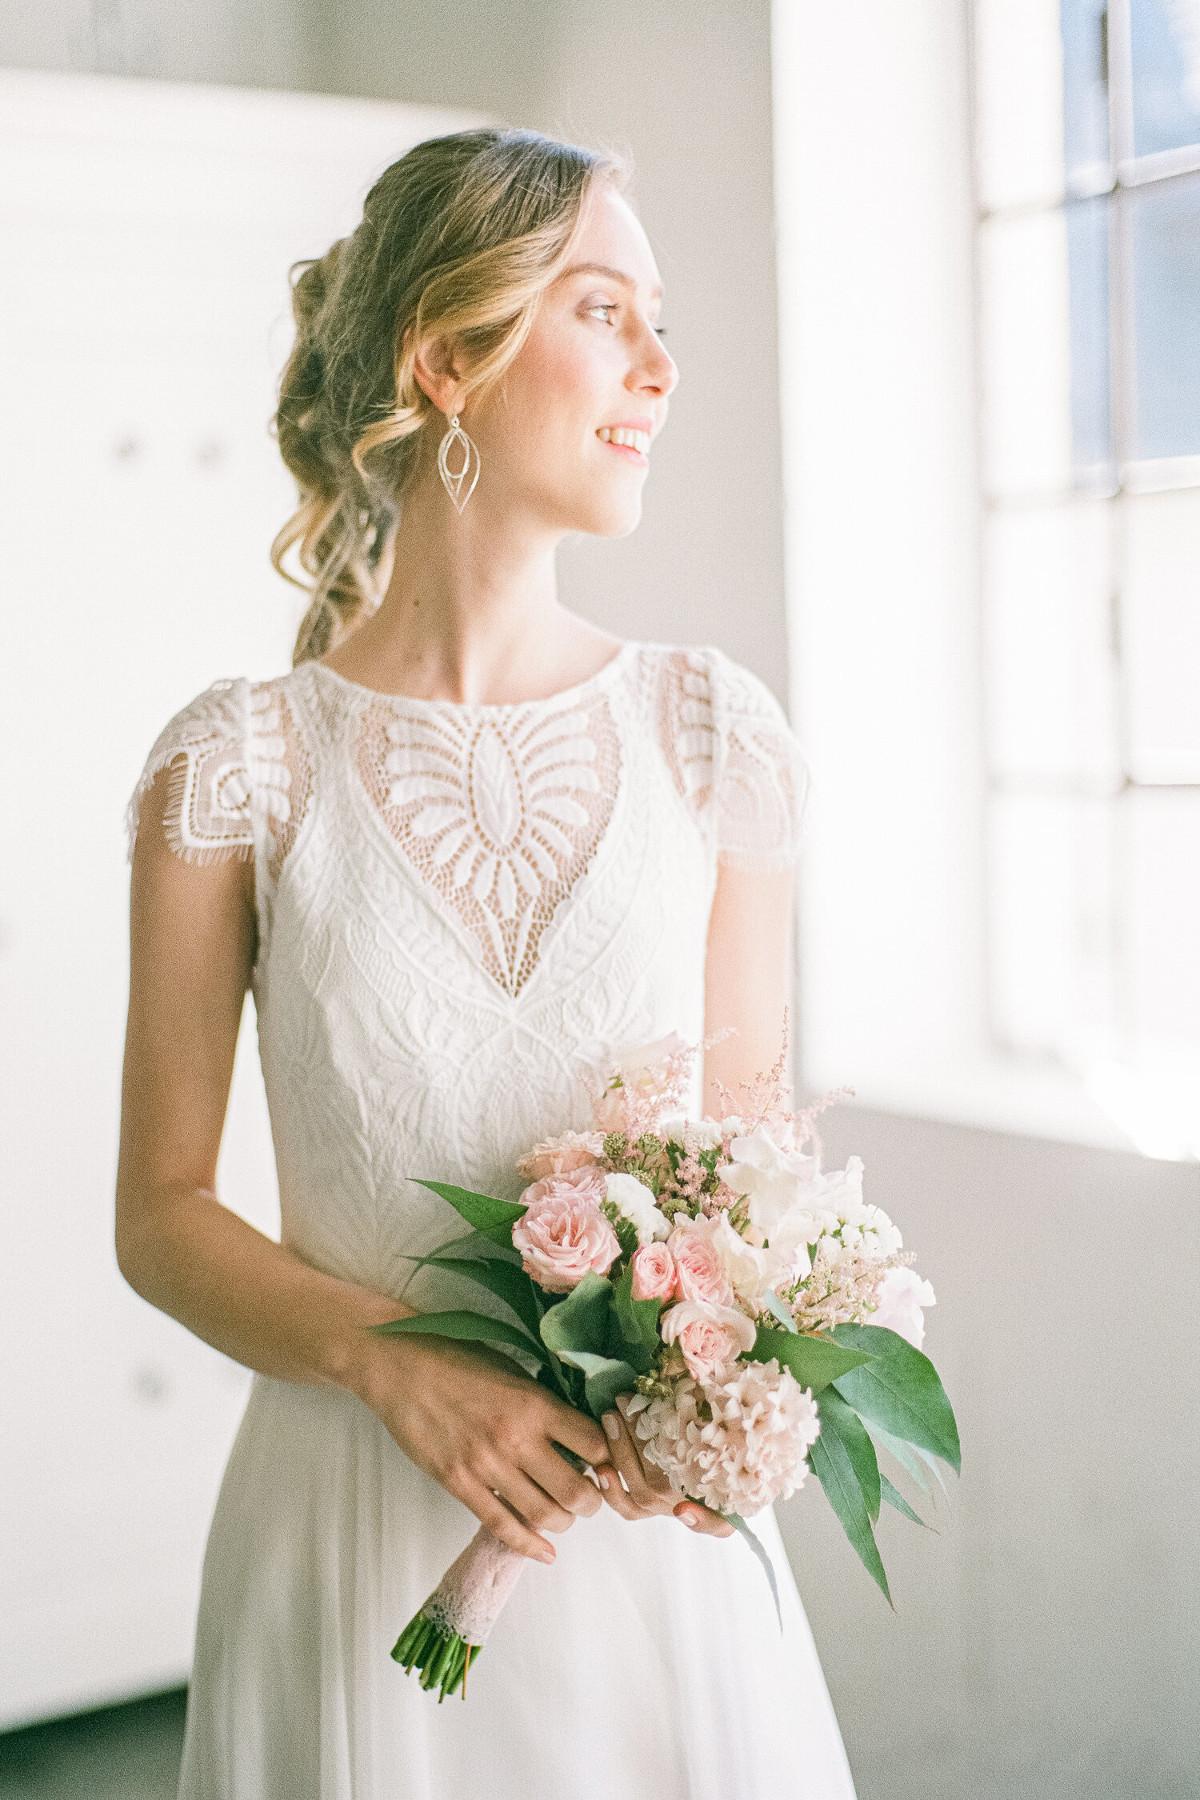 schlichtes Brautkleid von vorne – gesehen bei frauimmer-herrewig.de